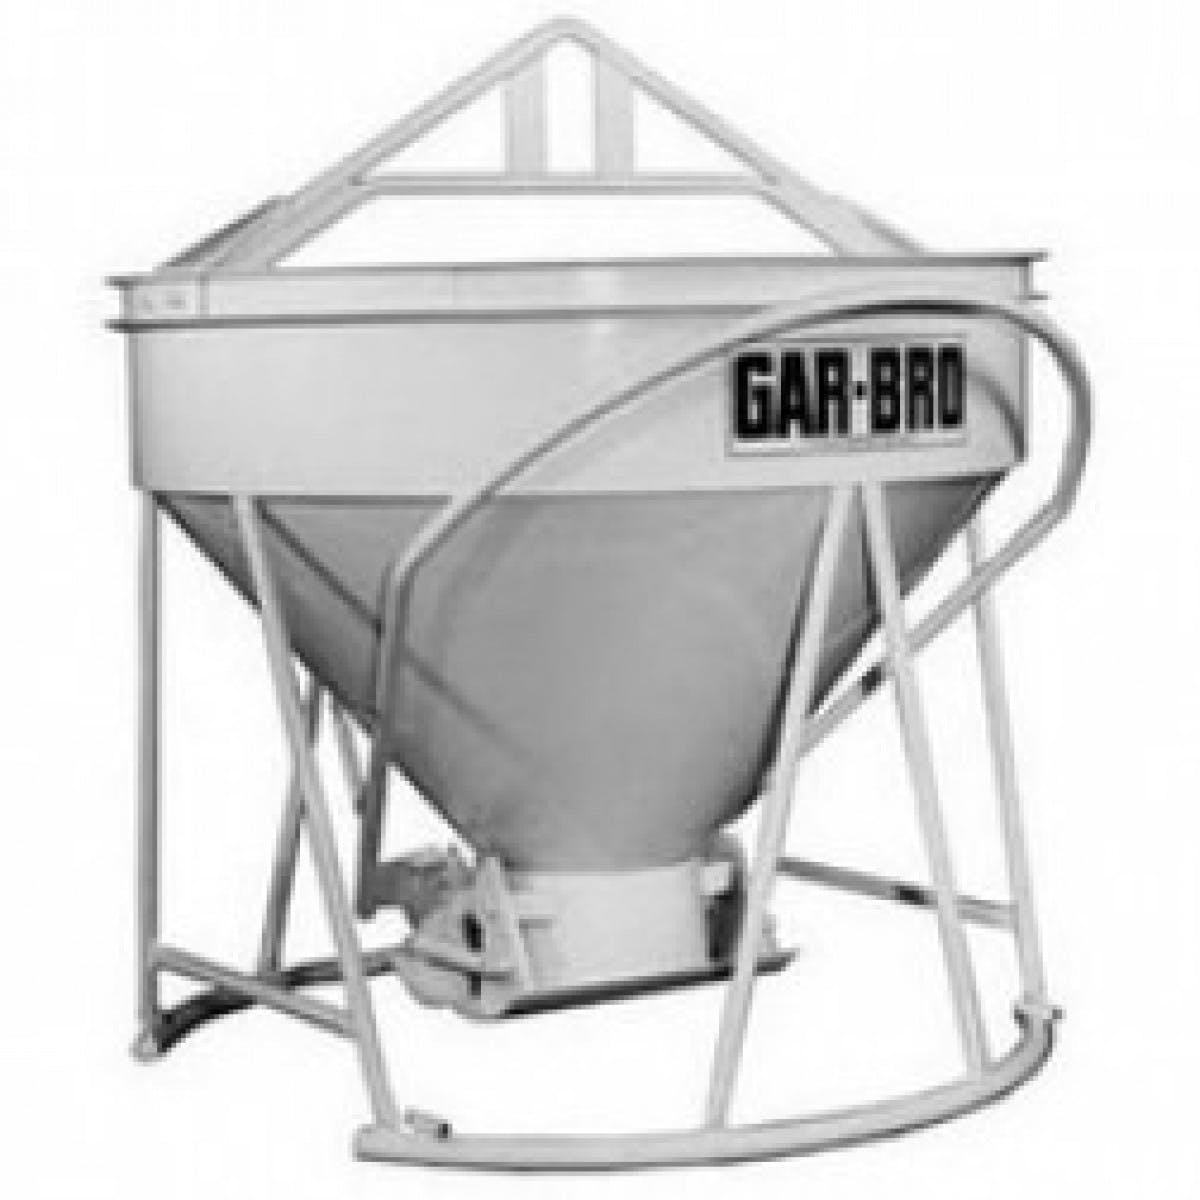 Garbro Concrete Bucket 0